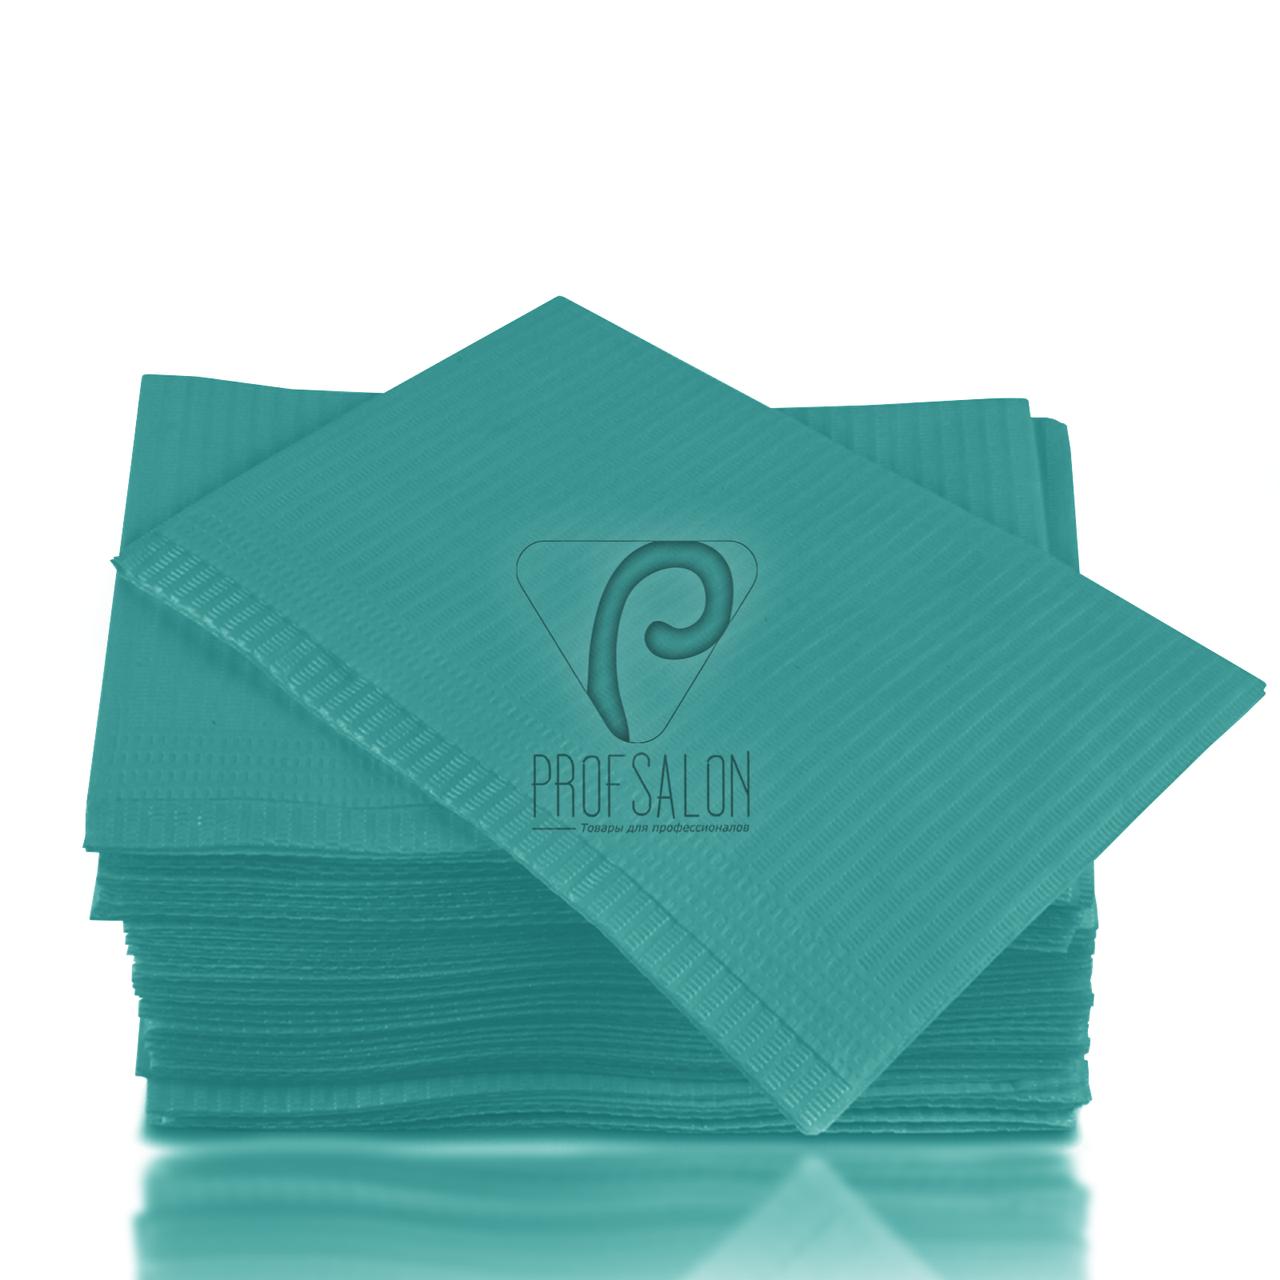 Непромокаемые салфетки на рабочий стол мастера маникюра, 125 шт, 45х32см, аква